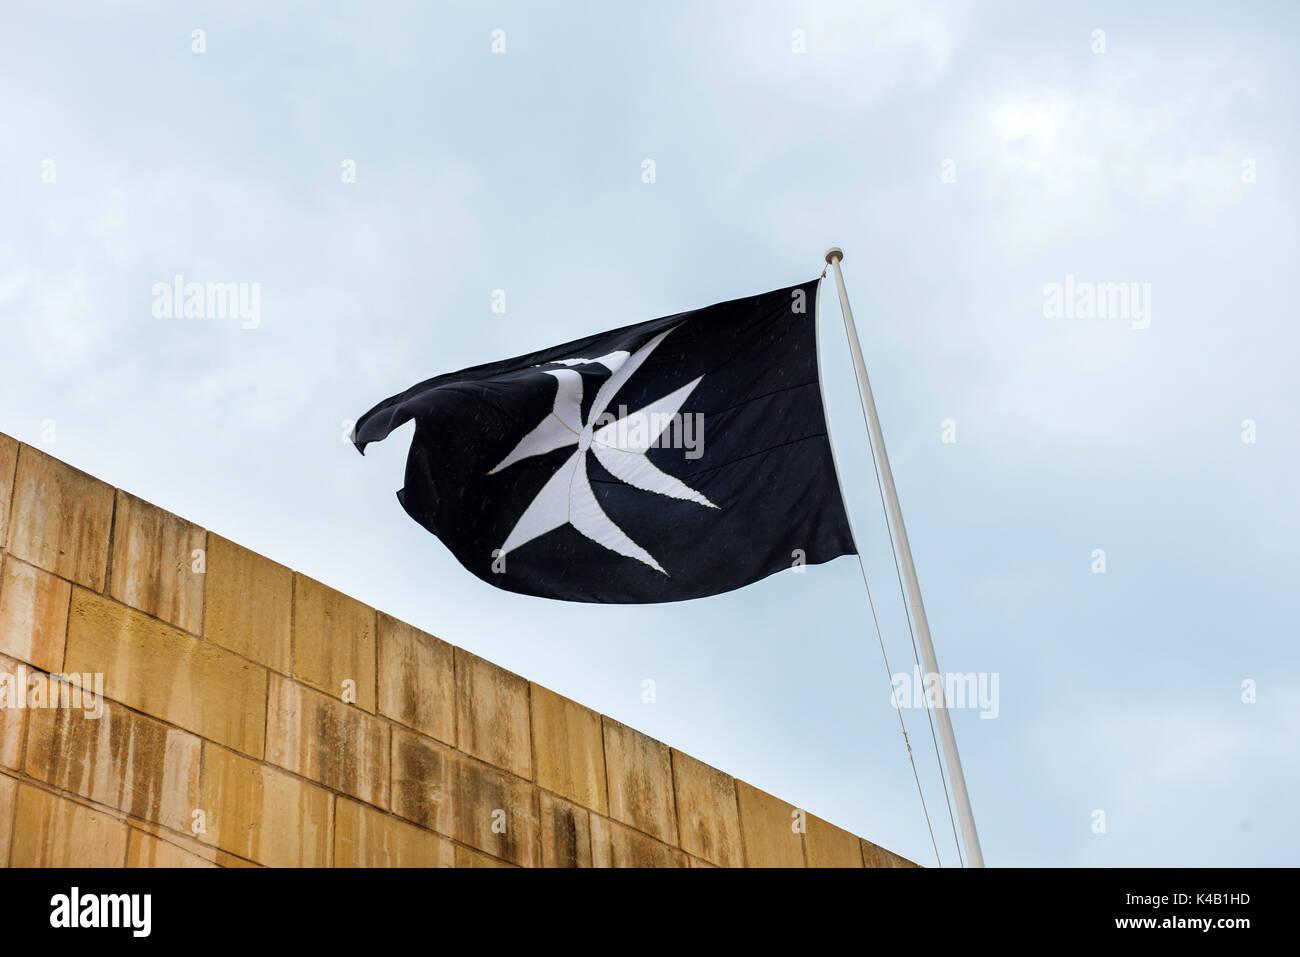 Symbol of the order of saint john the maltese cross on a black symbol of the order of saint john the maltese cross on a black flag biocorpaavc